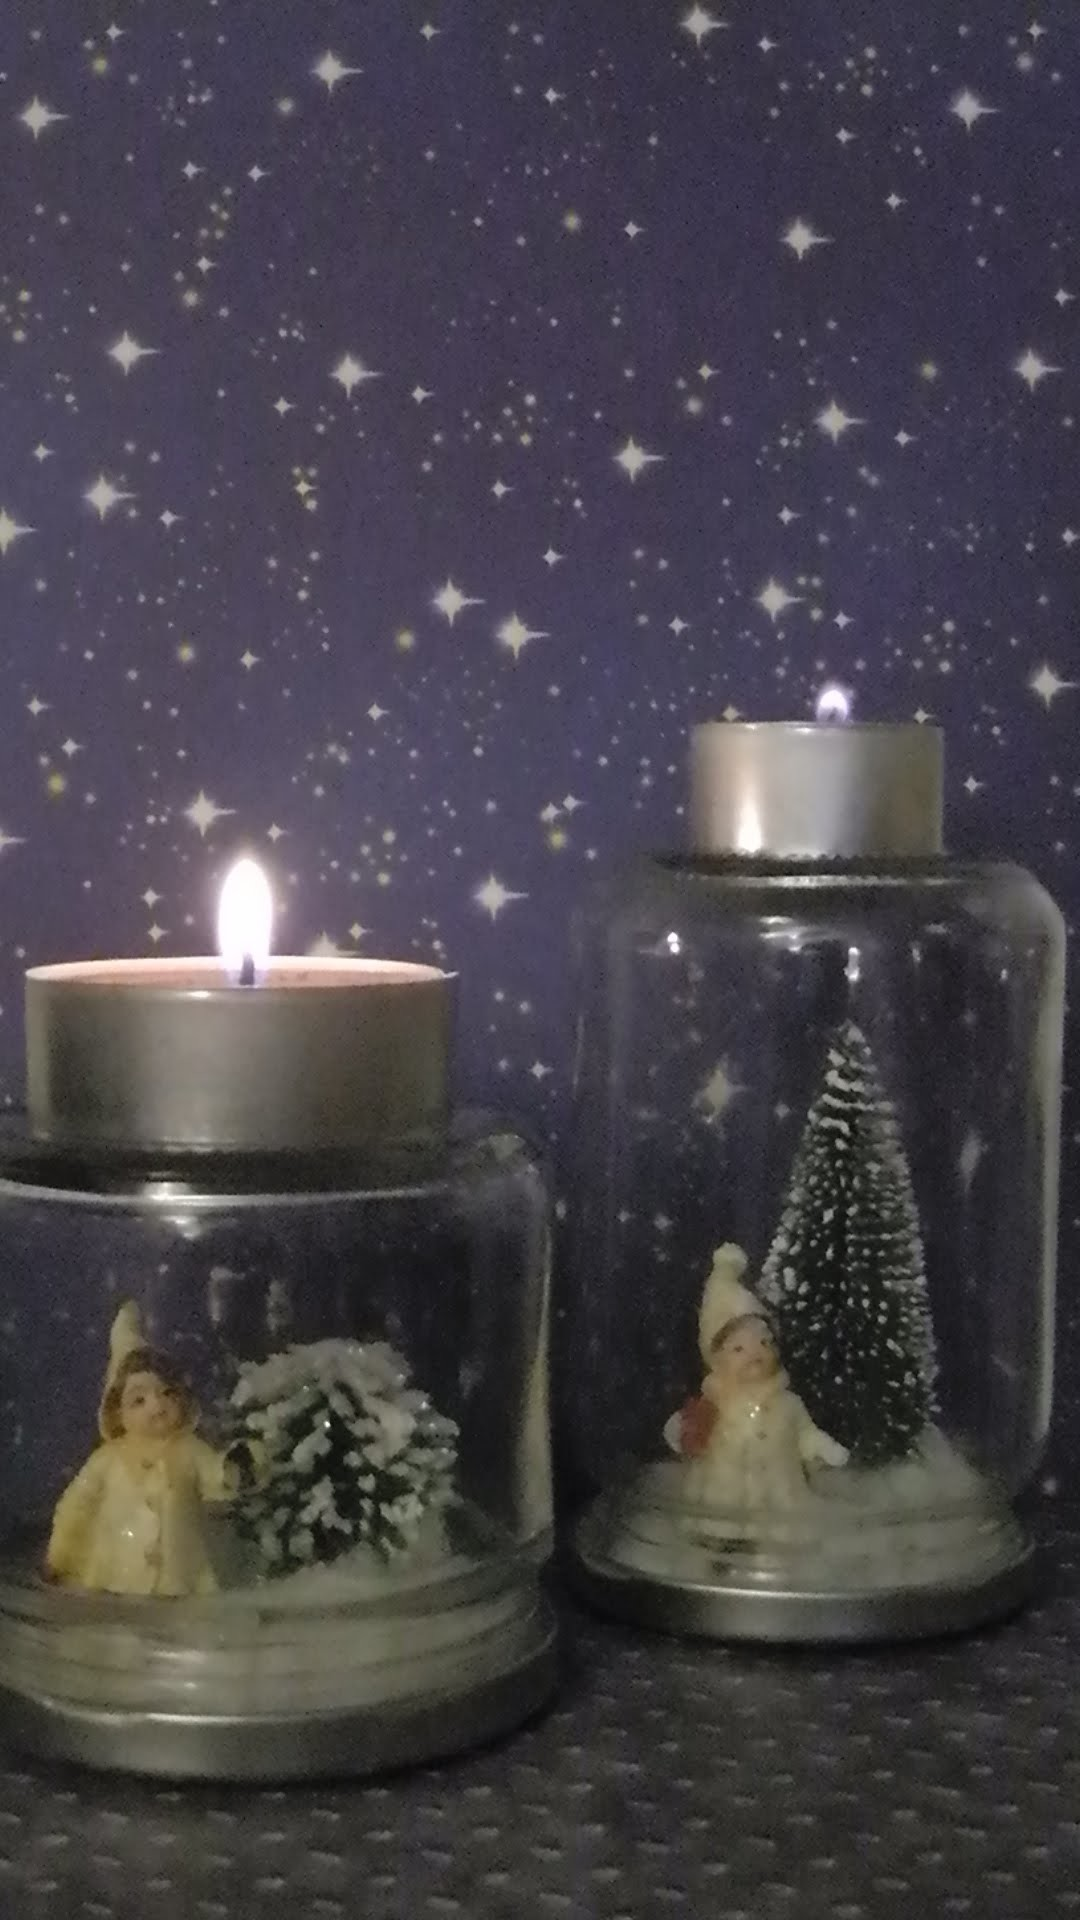 DIY Kleine Geschenke. little gifts  # 2  (Kerzenhalter. candle holder)